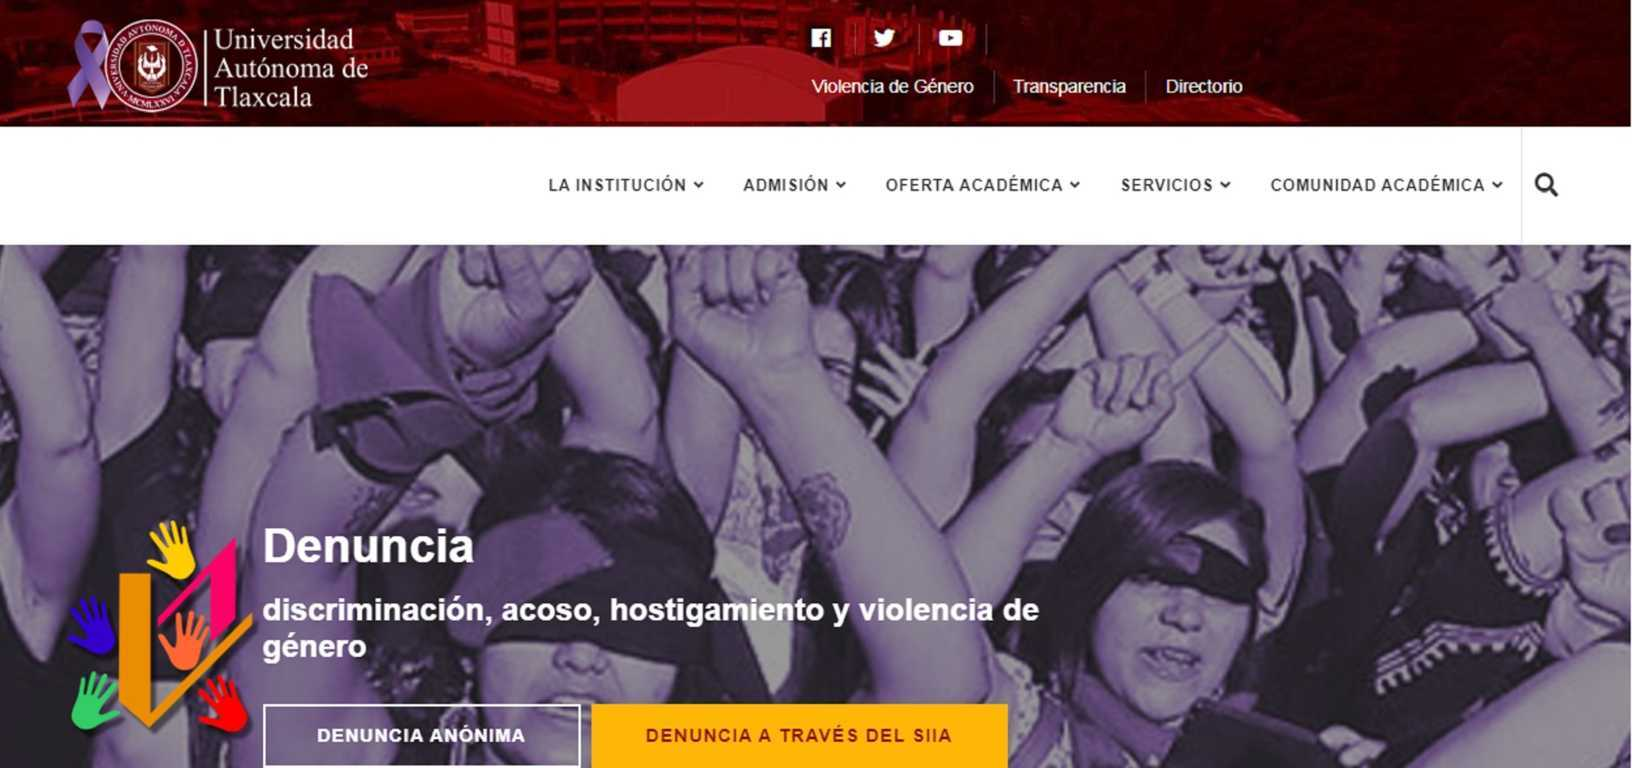 Implementa UATx ventanilla virtual para denuncia de violencia de género